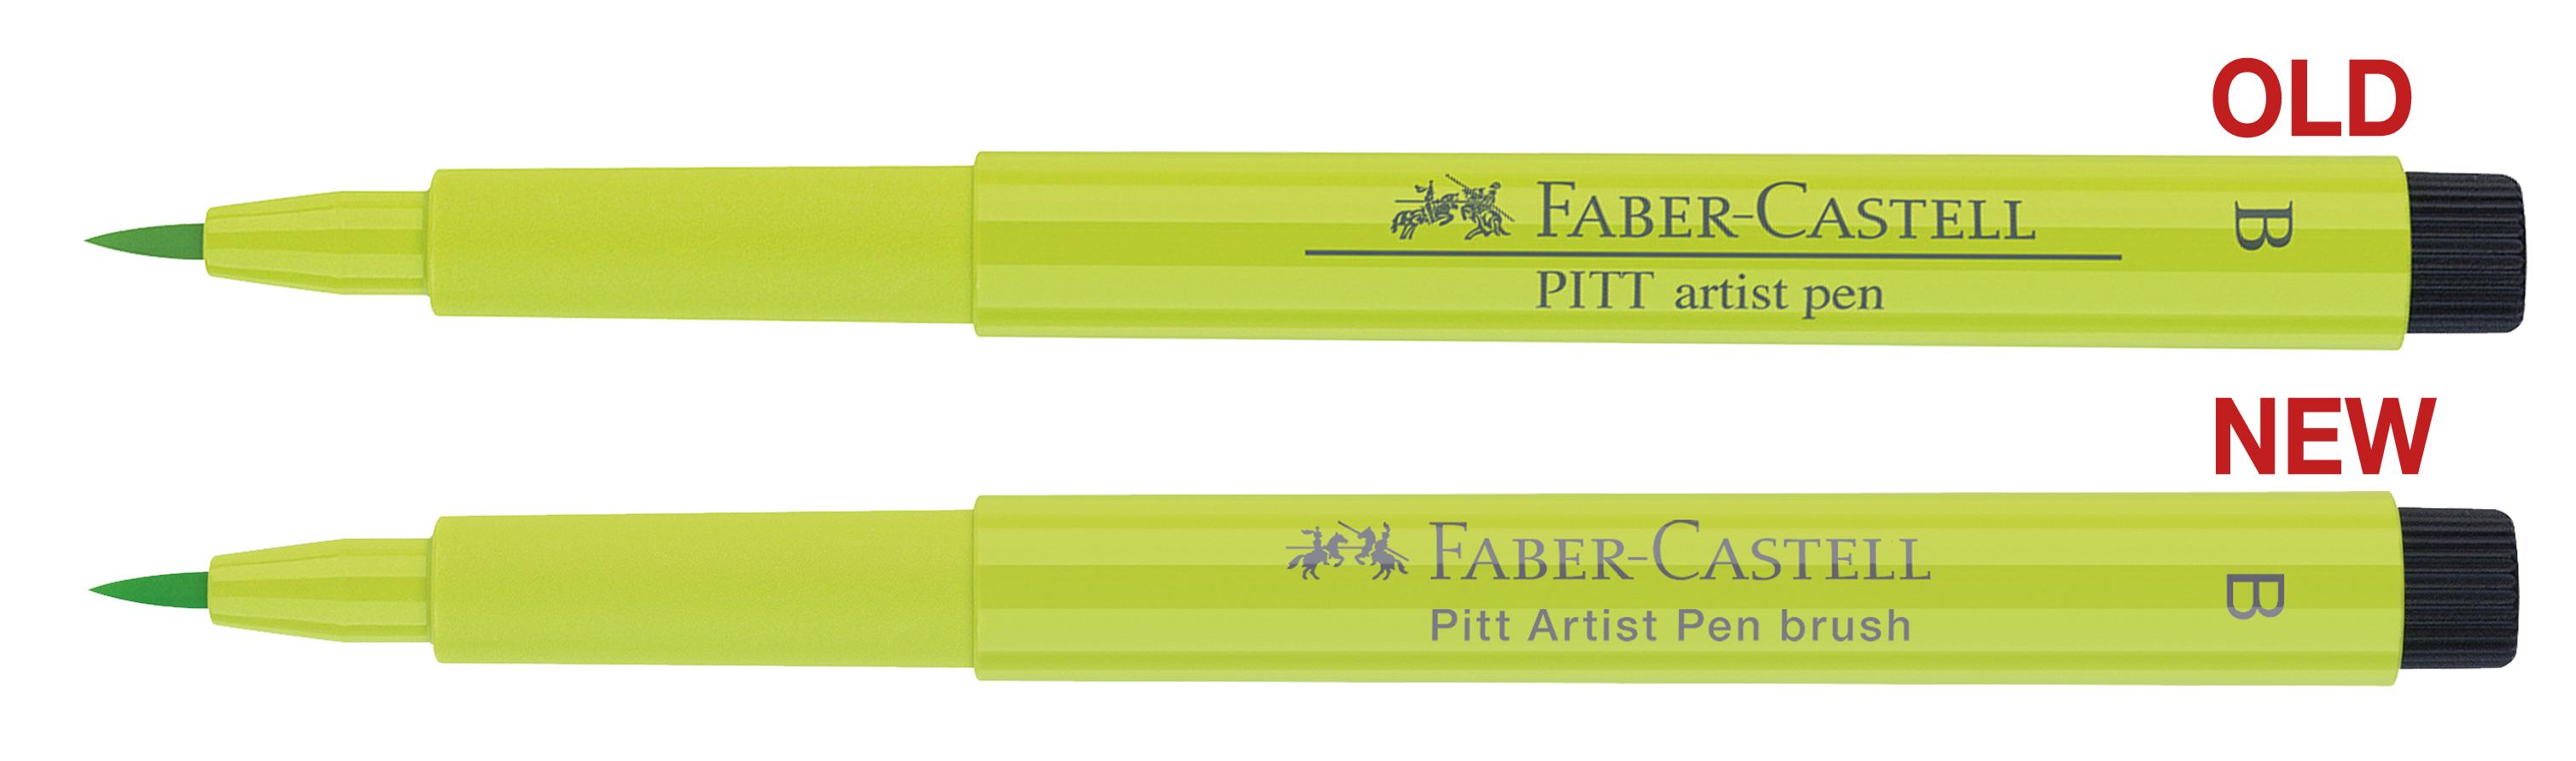 Pitt Artist Pen old v new